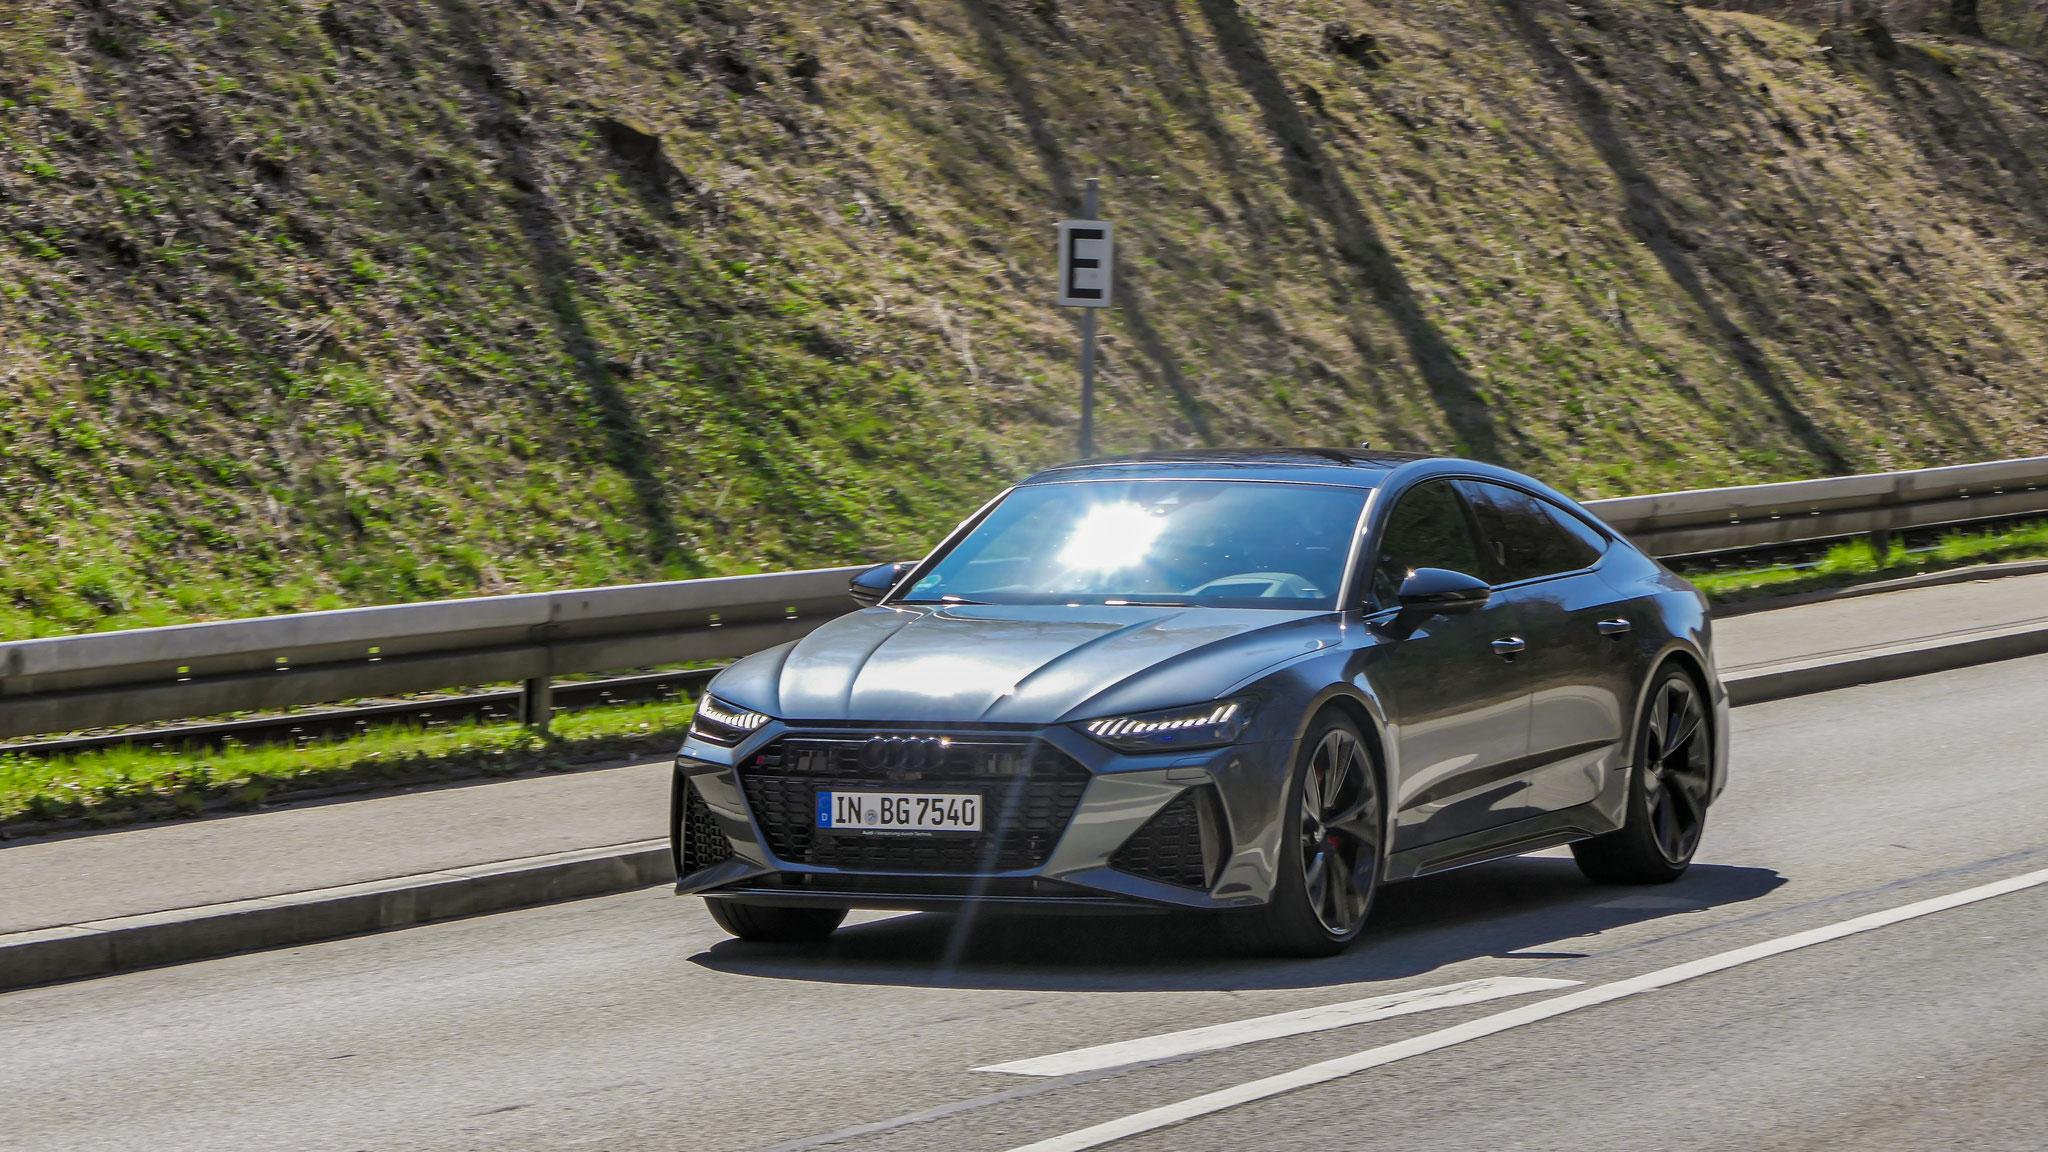 Audi RS7 - IN-BG-7540